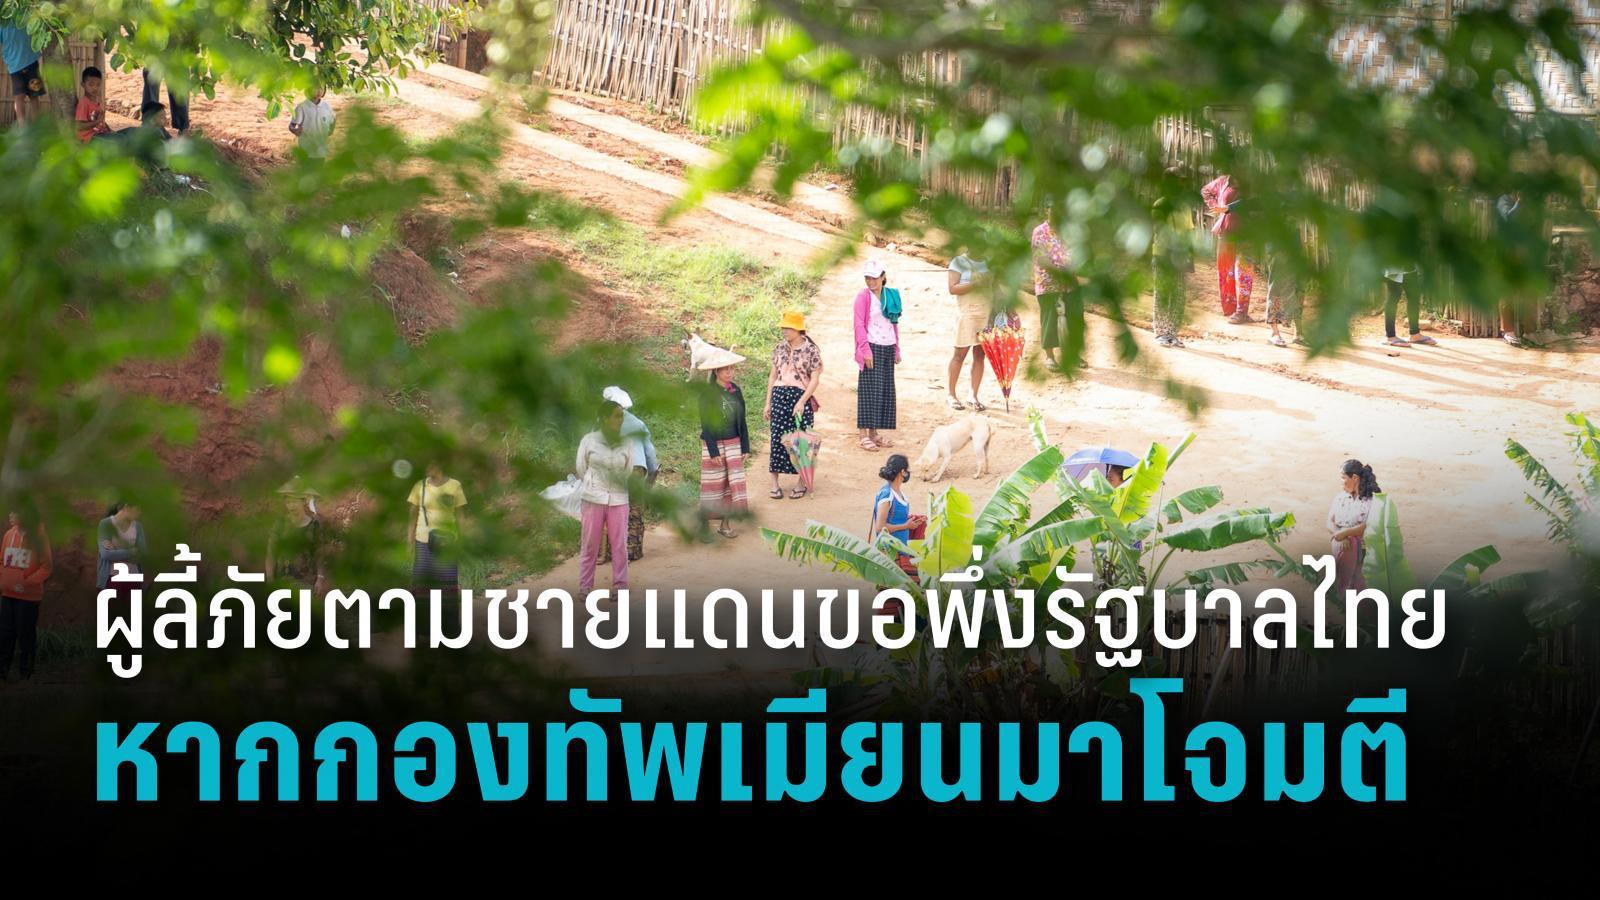 ผู้พลัดถิ่นในศูนย์พักพิงใกล้ชายแดนไทยหวั่นถูกกองทัพเมียนมาโจมตี